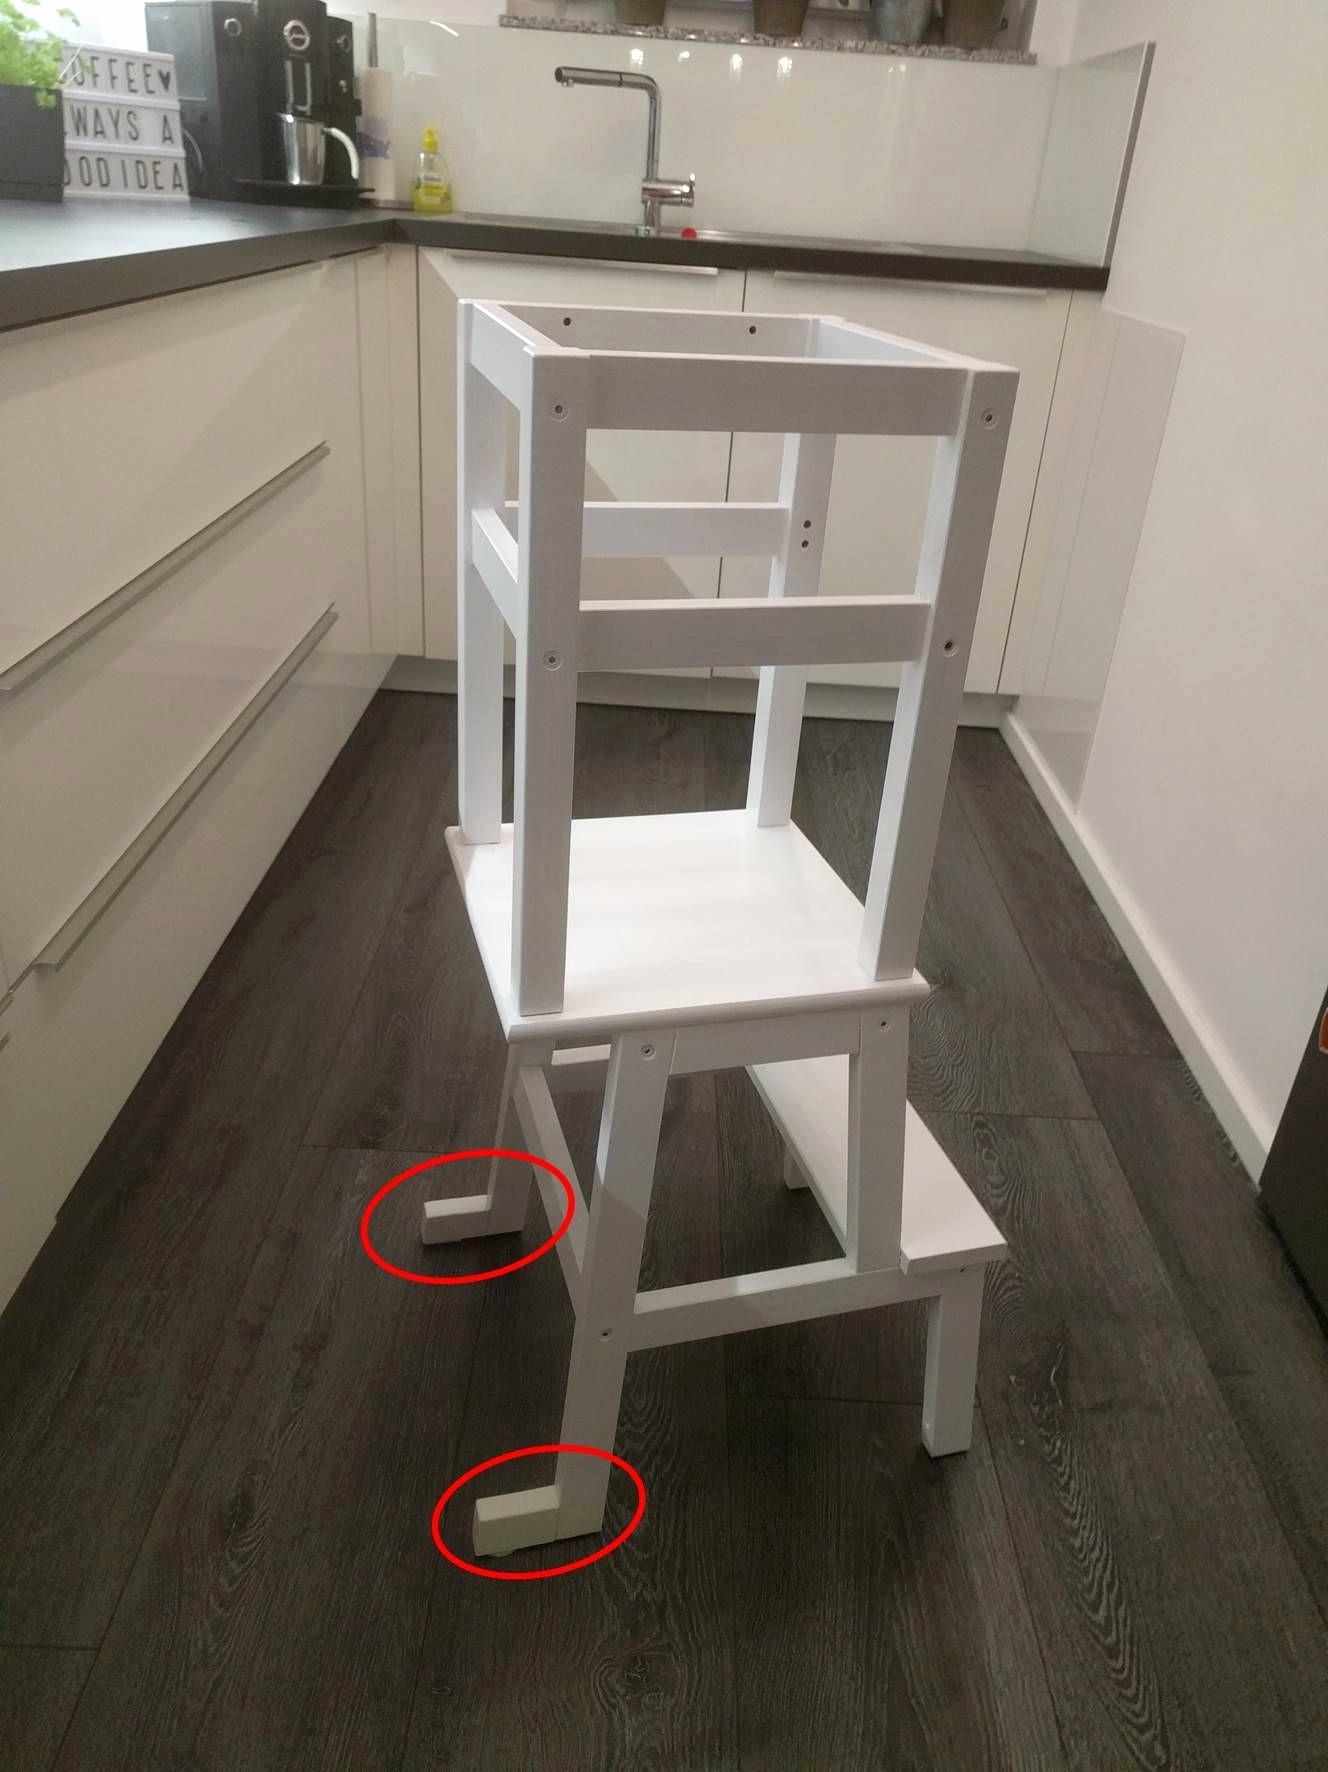 Plan De Travail Salle De Bain Ikea Beau Photos Plan De Travail Bar Arrondi Frais Plan De Travail Escamotable Ikea